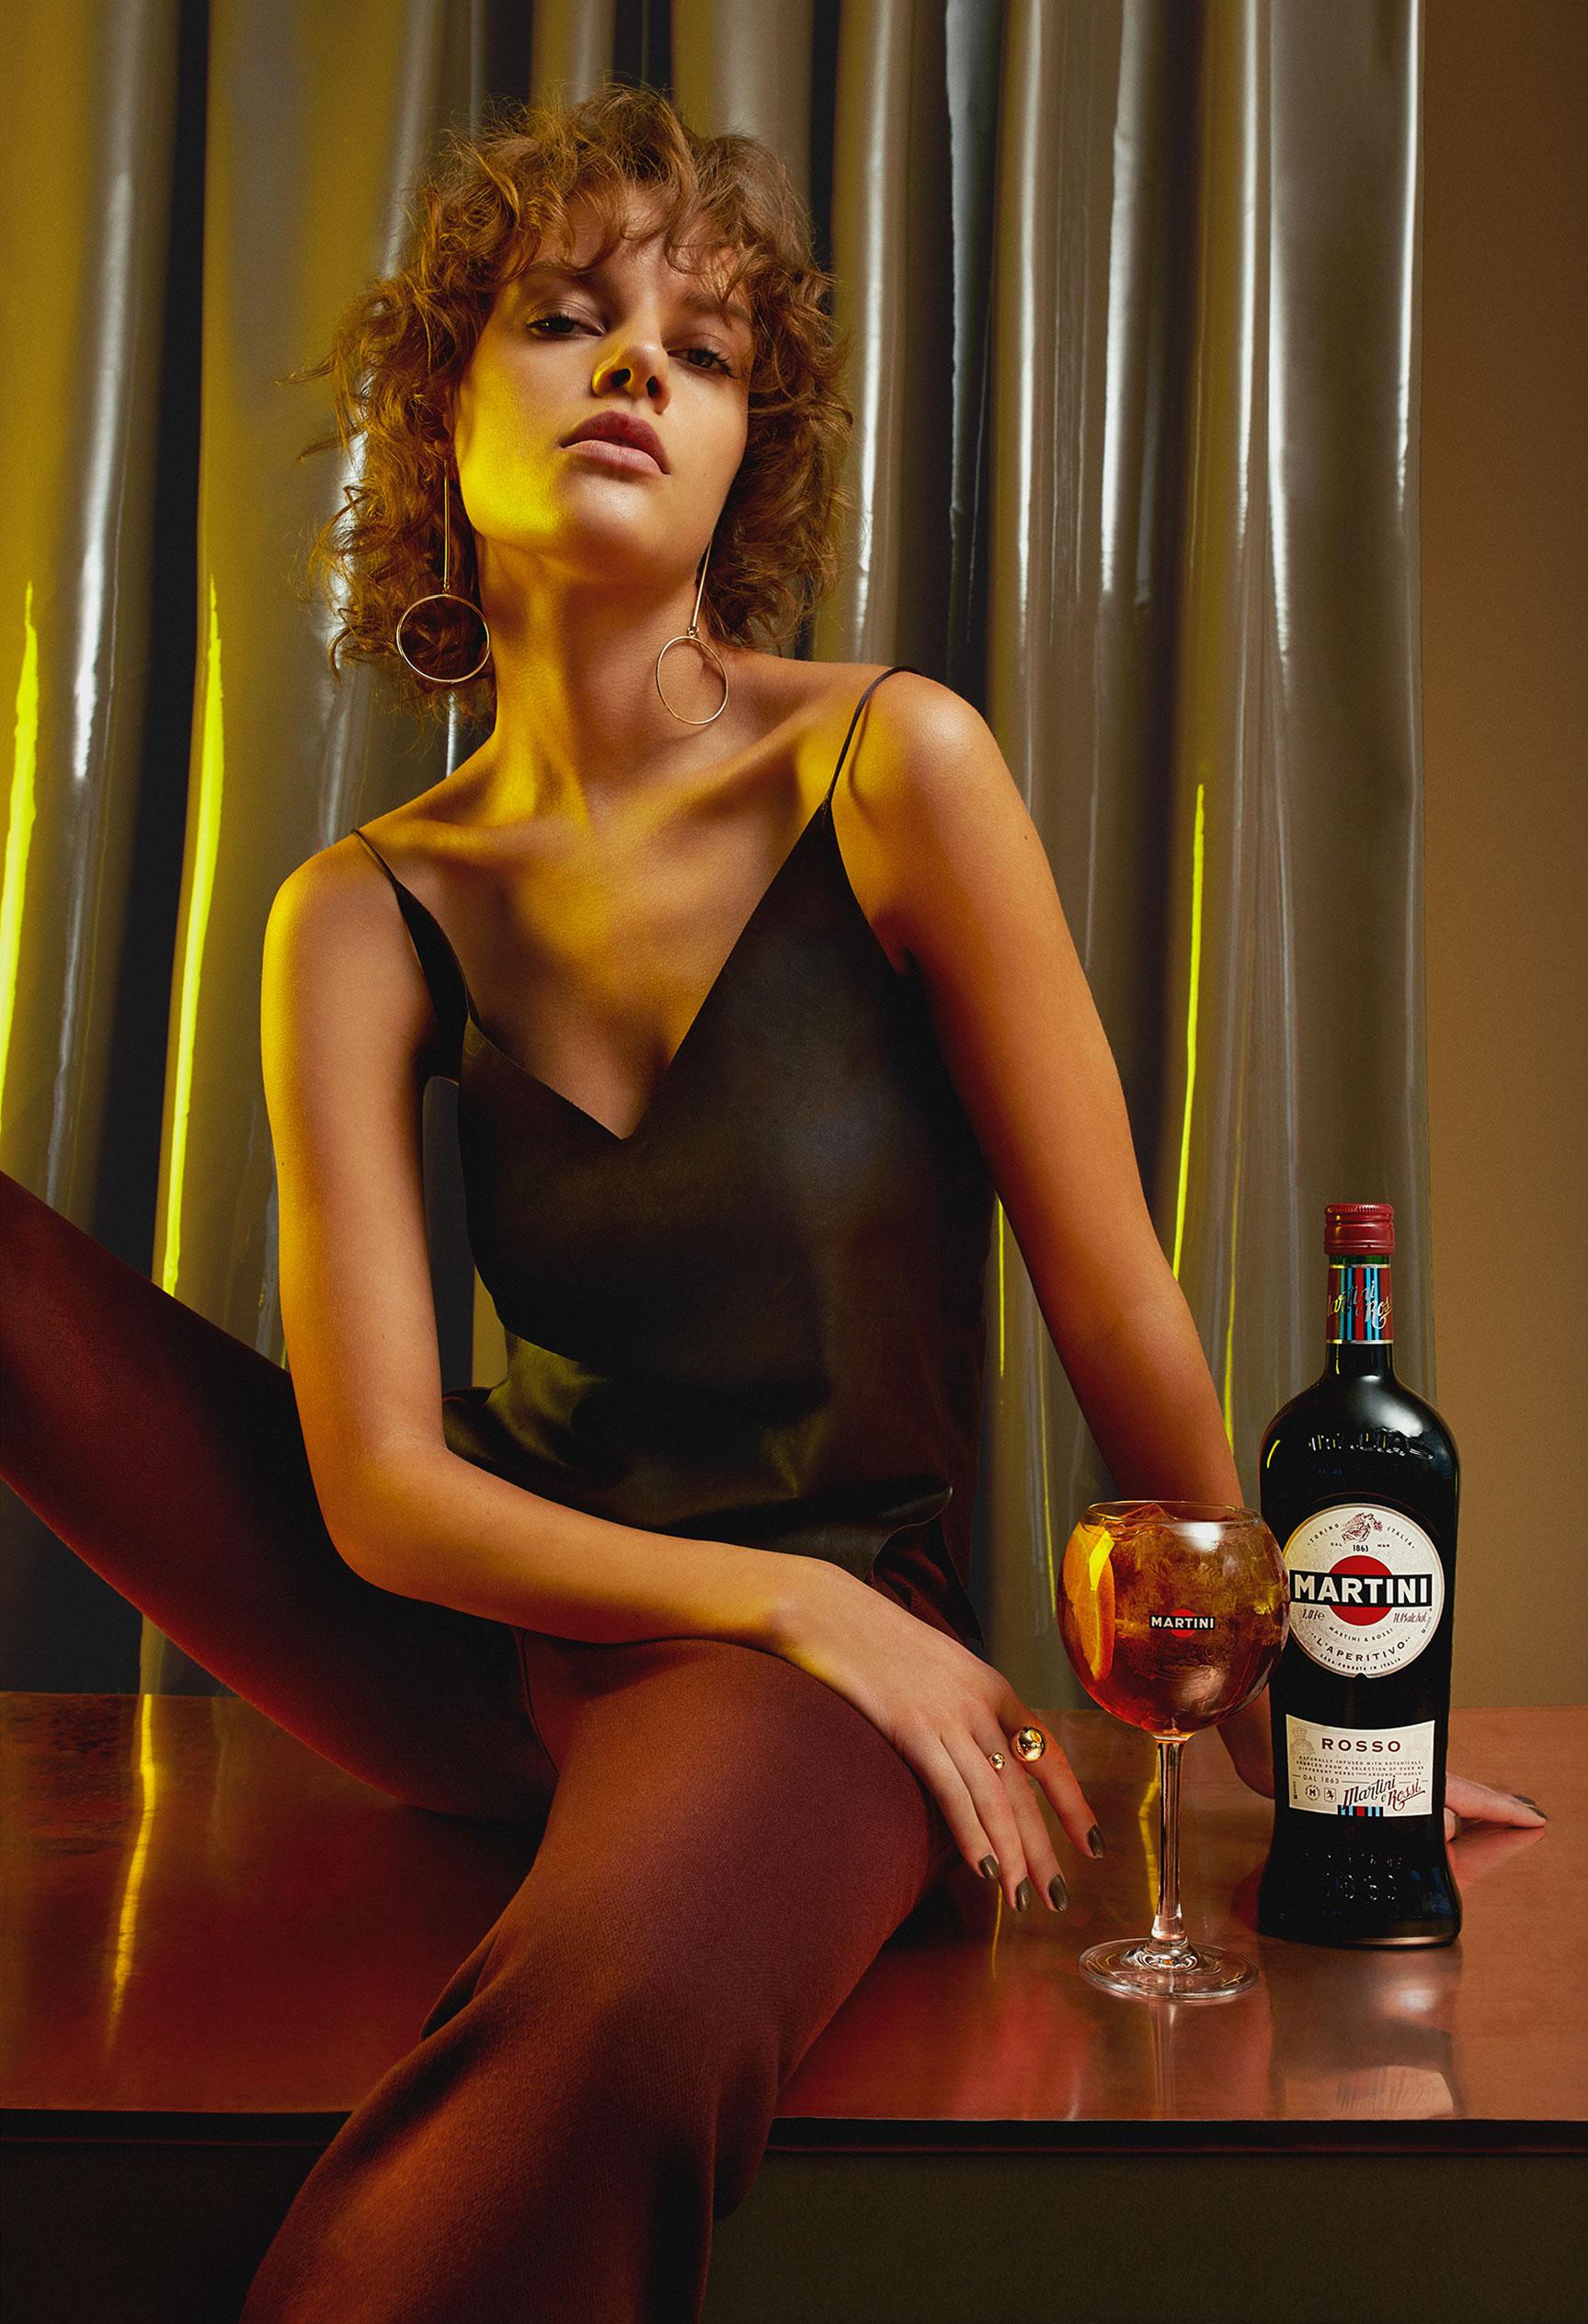 Пьем мартини вместе с красивой девушкой / фото 03